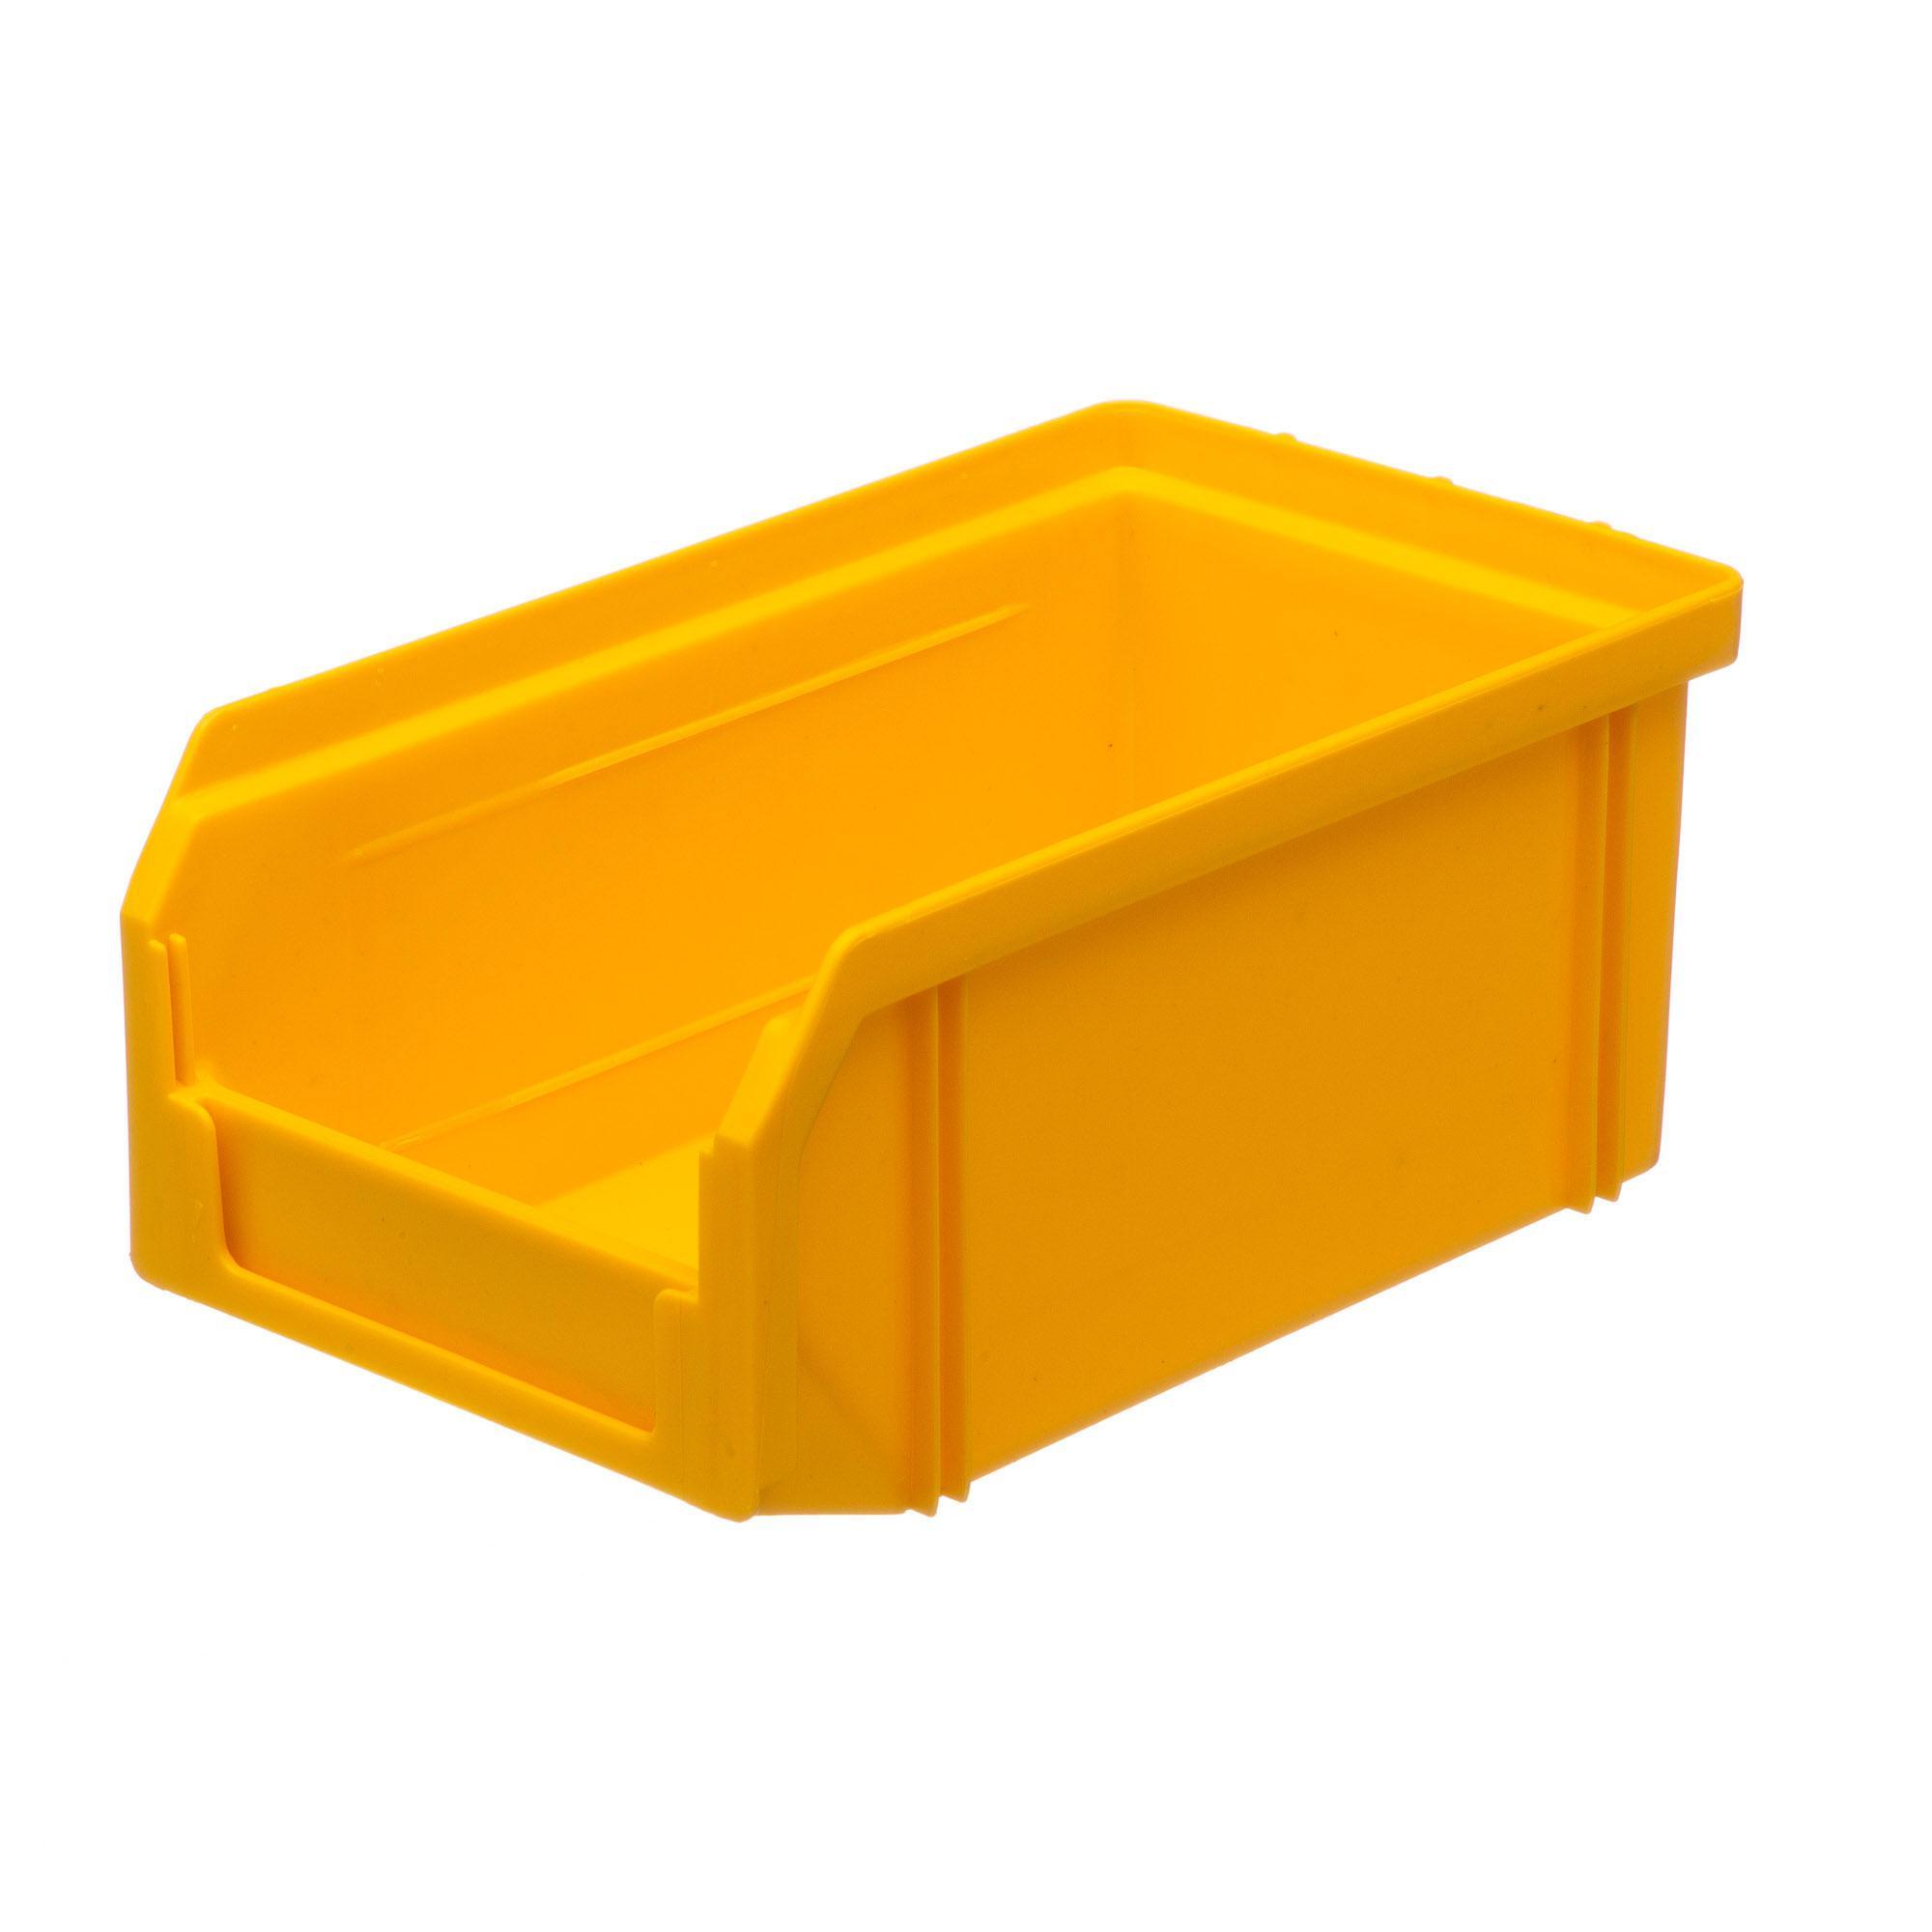 Ящик СТЕЛЛА V-1 желтый от 220 Вольт